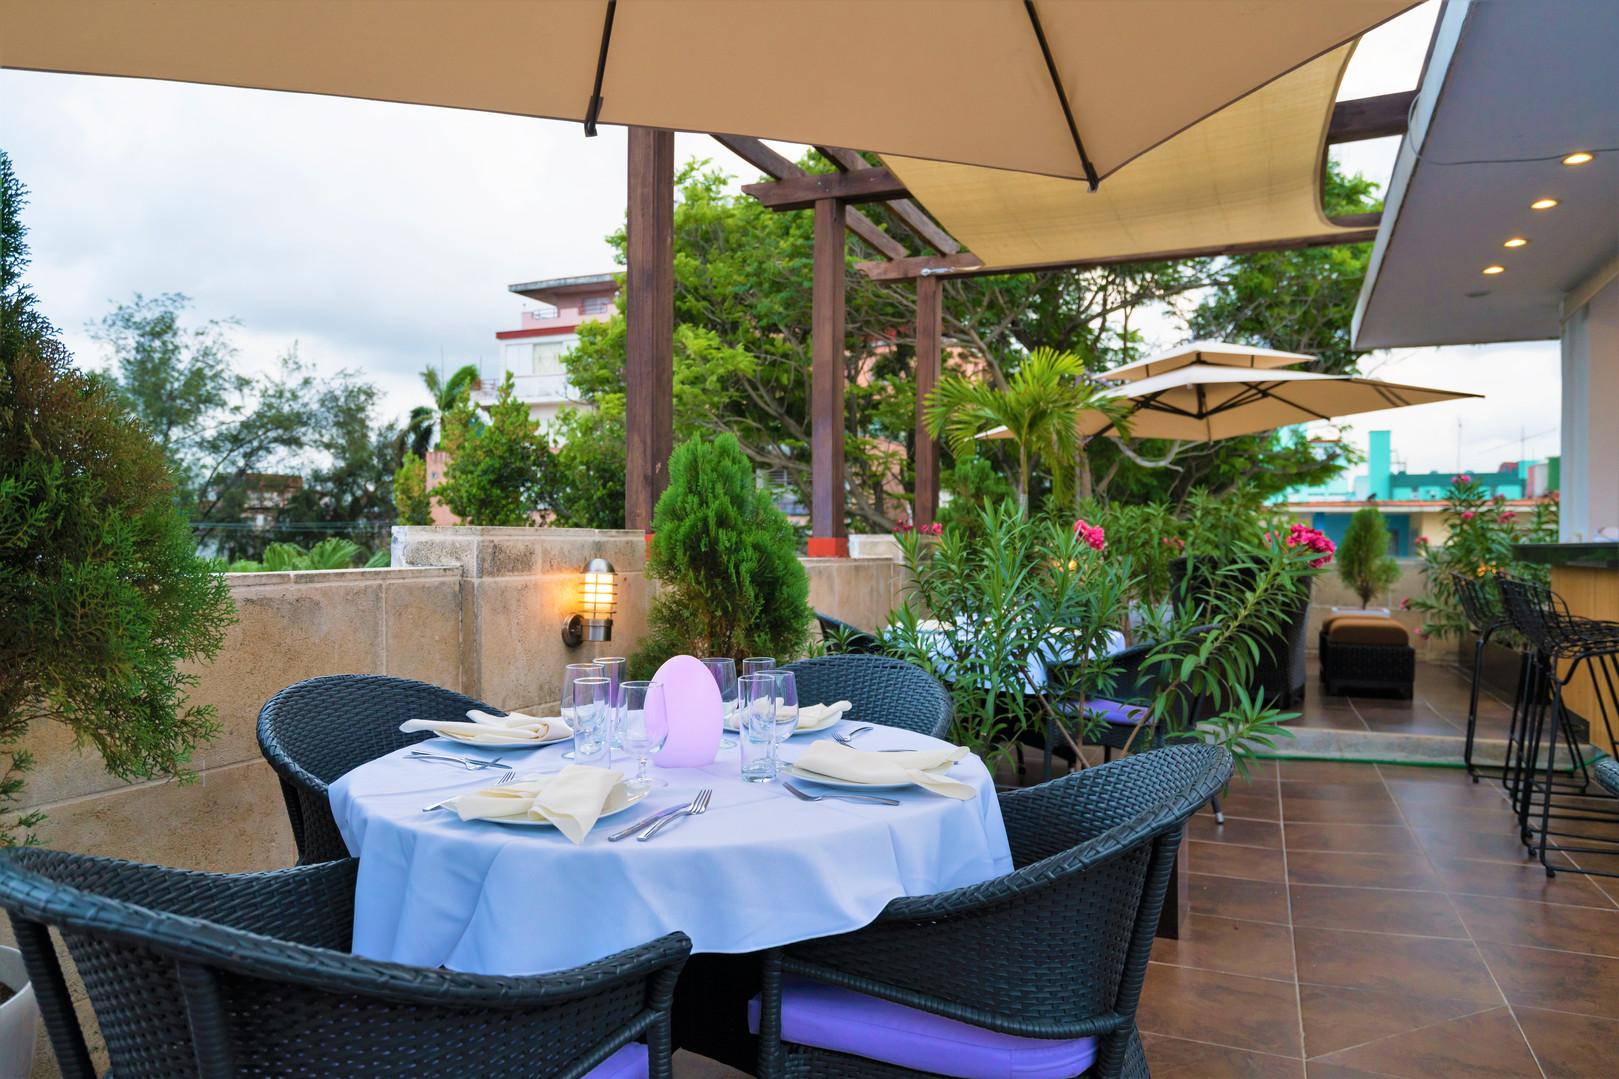 El Candil BH Rooftop Bar & Grill